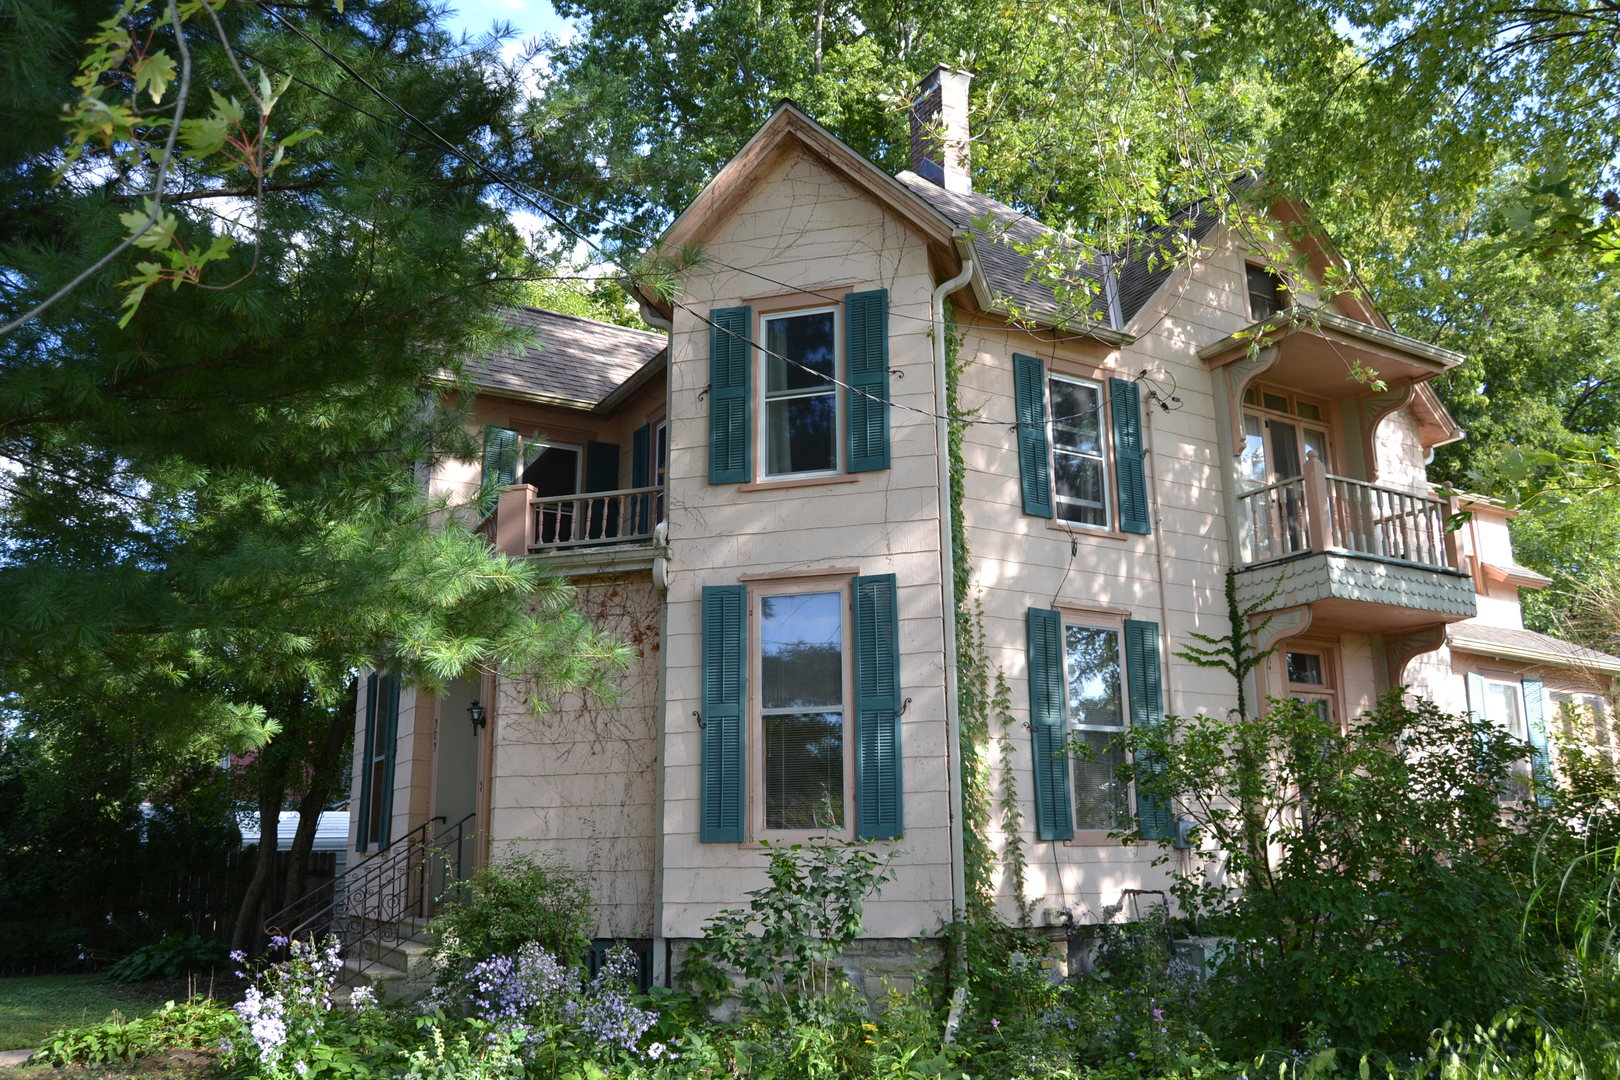 303 East Prospect, Ottawa, Illinois, 61350